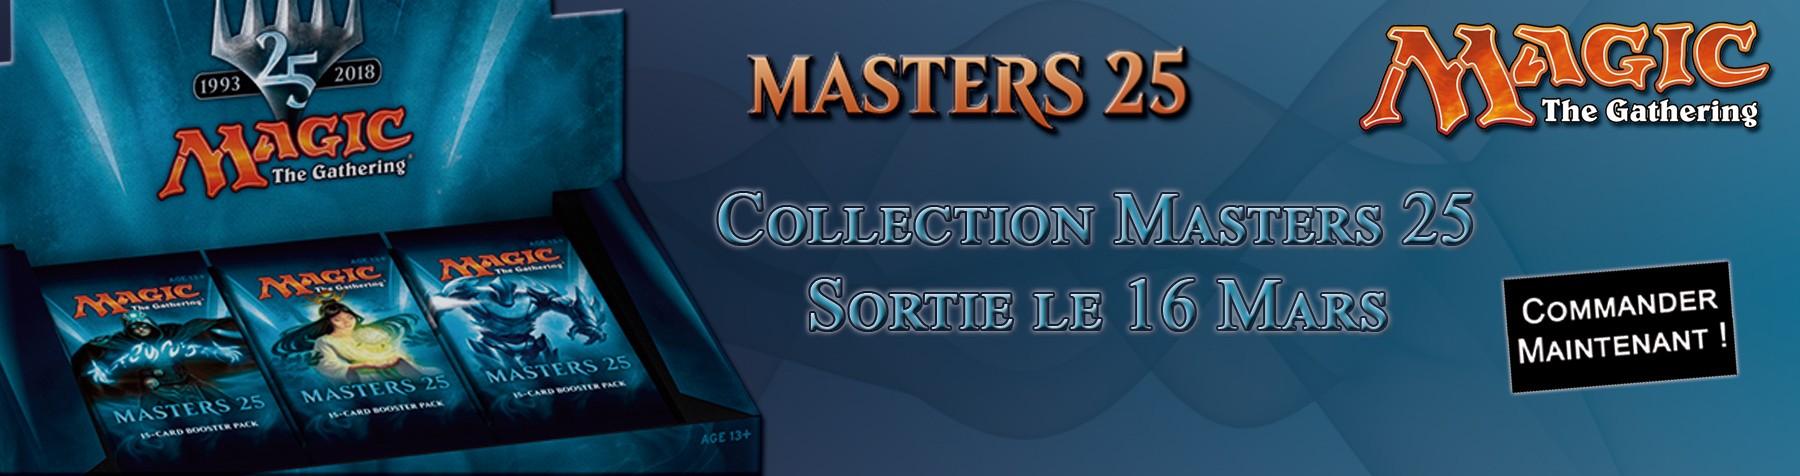 Sortie de la nouvelle collection anniversaire Masters 25 de Magic The Gathering - Sortie le 16 Mars